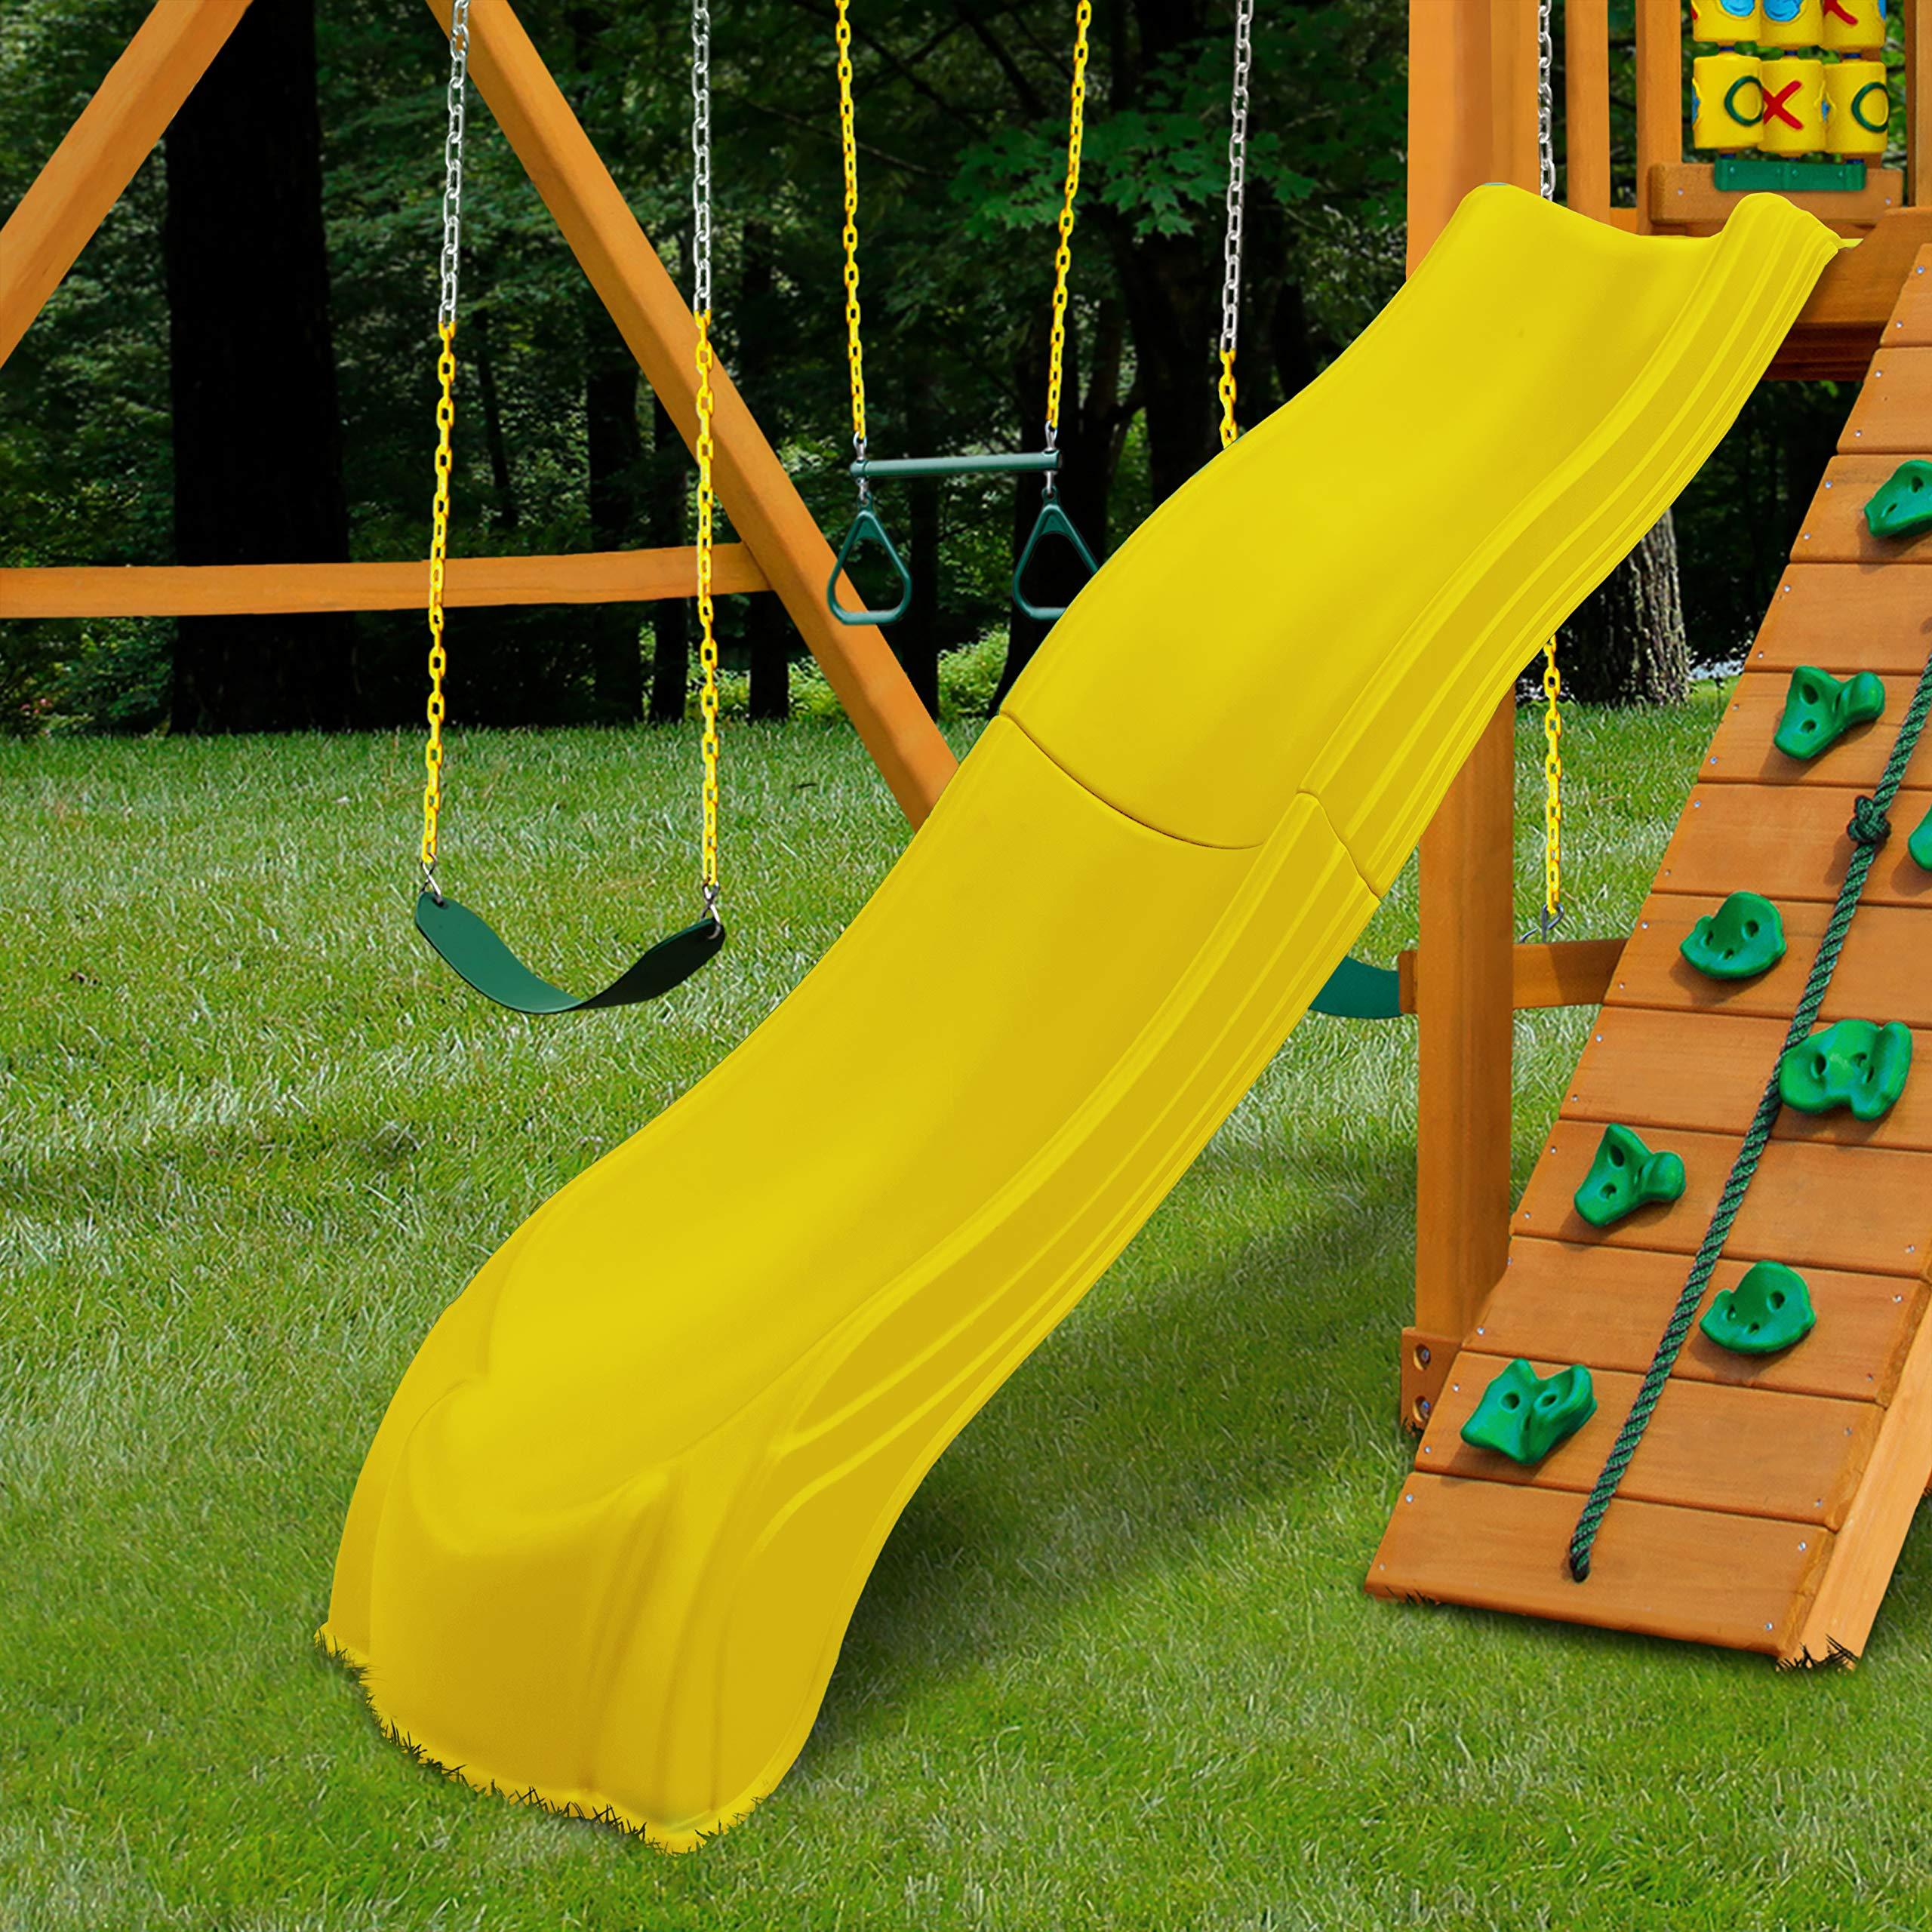 Swing-N-Slide WS 5031 Olympus Wave Slide 2 Piece Plastic Slide for 5' Decks, Yellow by Swing-N-Slide (Image #3)